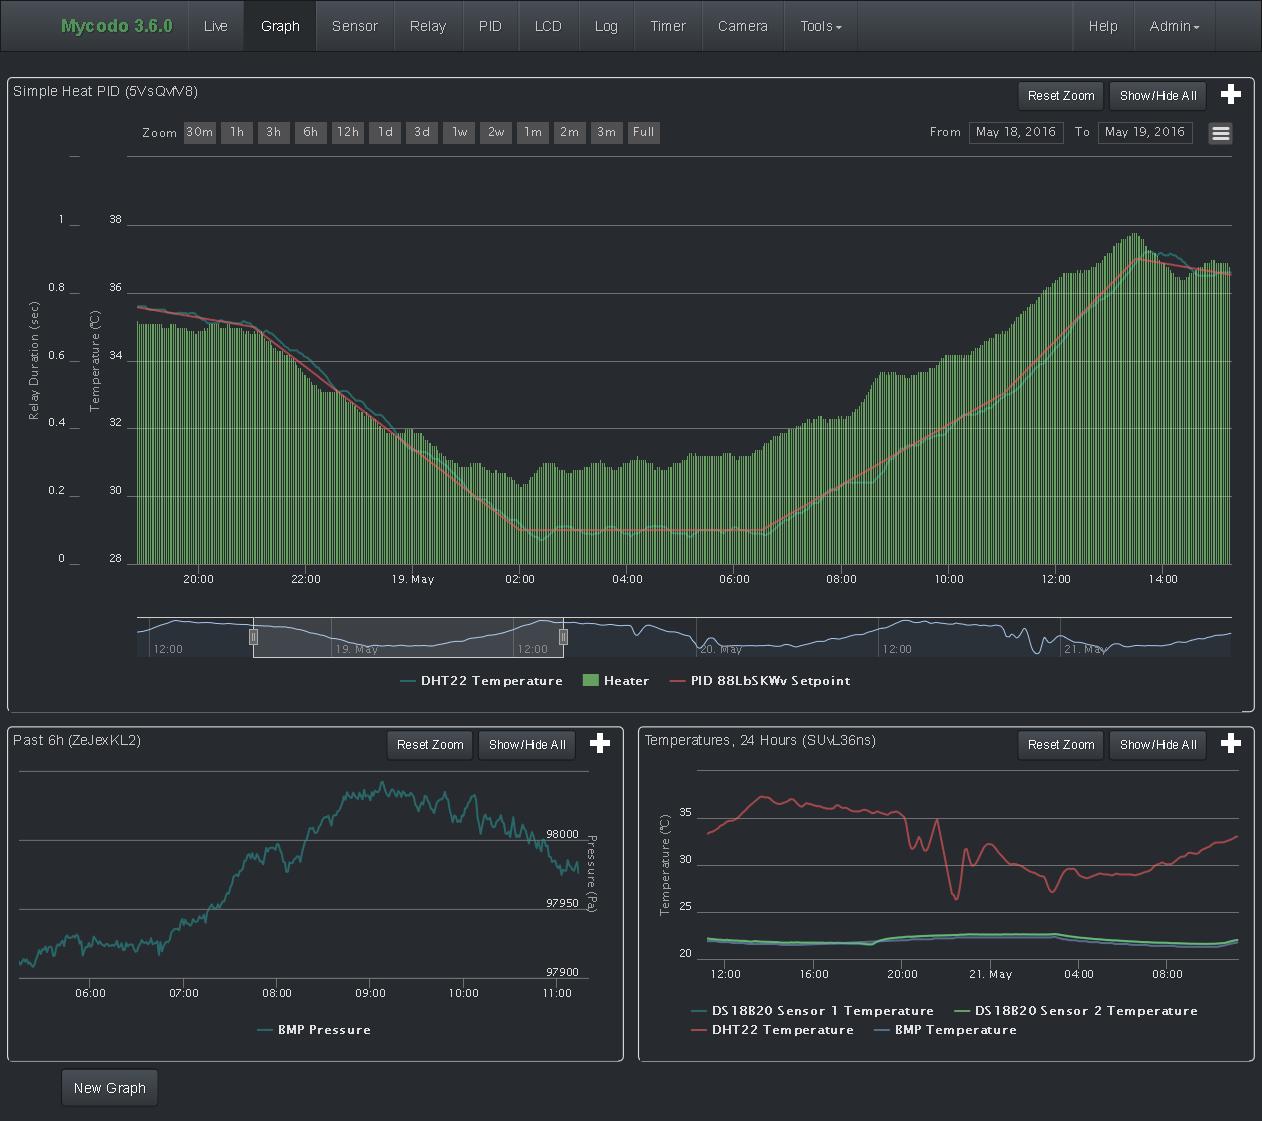 Mycodo 3.6.0 Dashboard